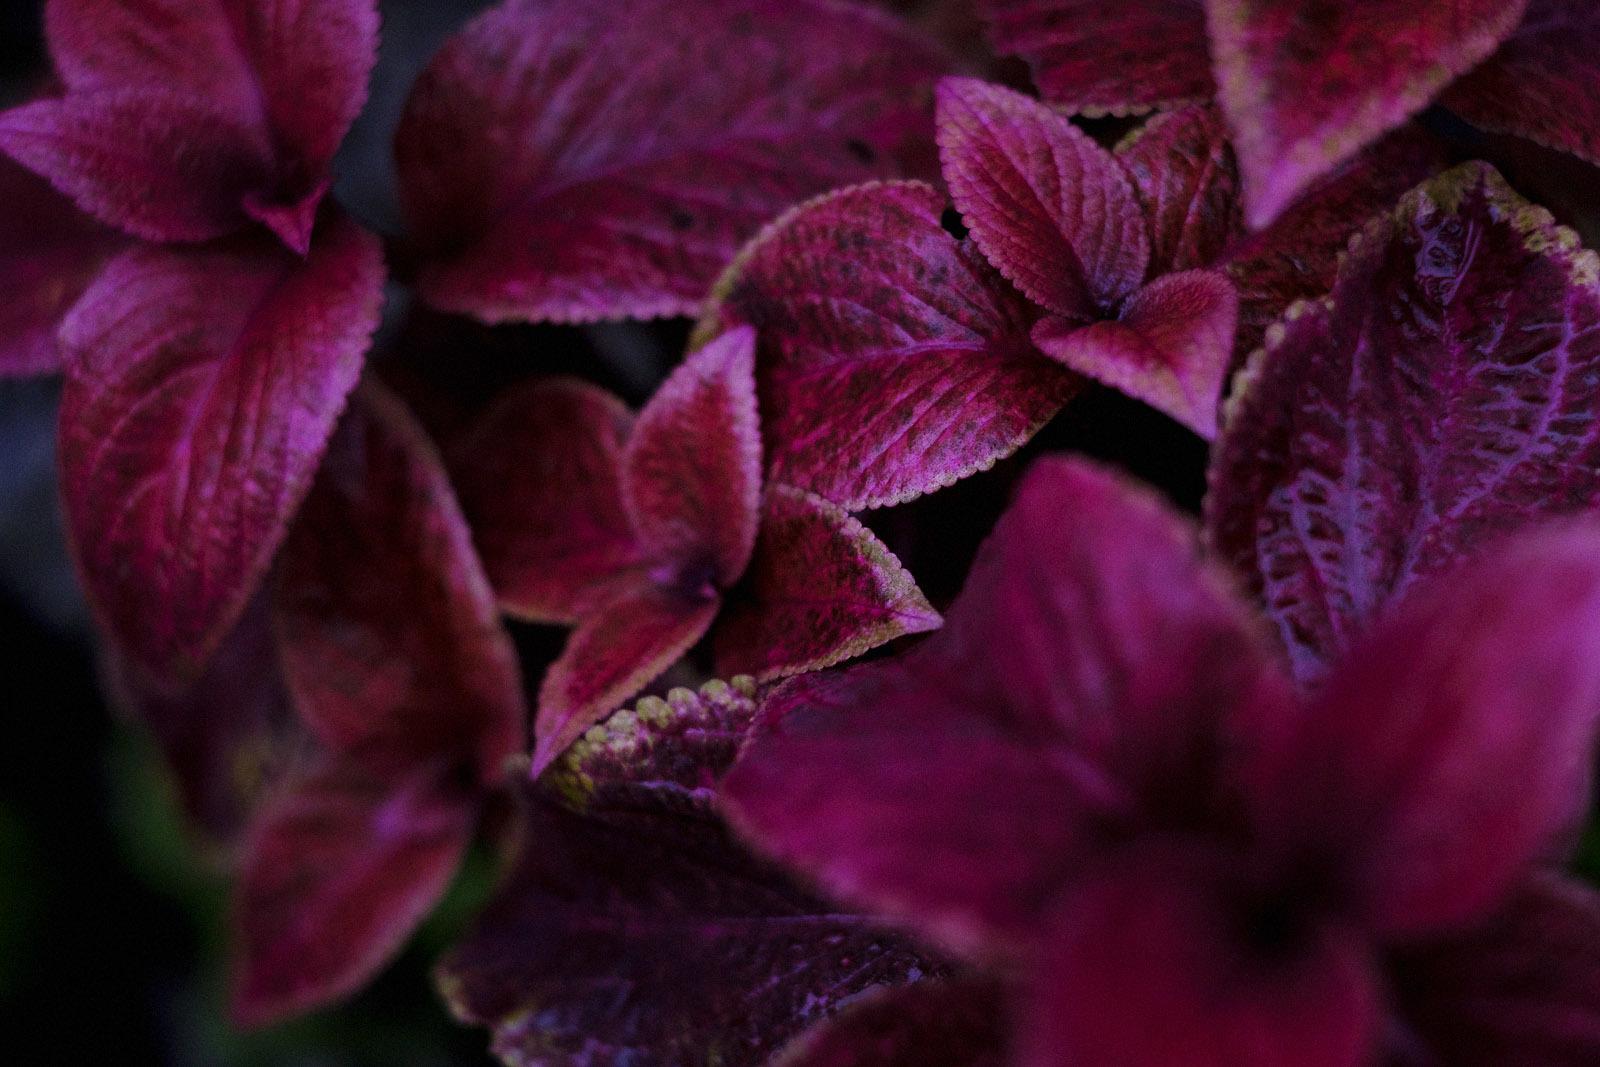 秋になったら写真を撮ろうと思っていたけれど…(12)_e0367501_13590559.jpg